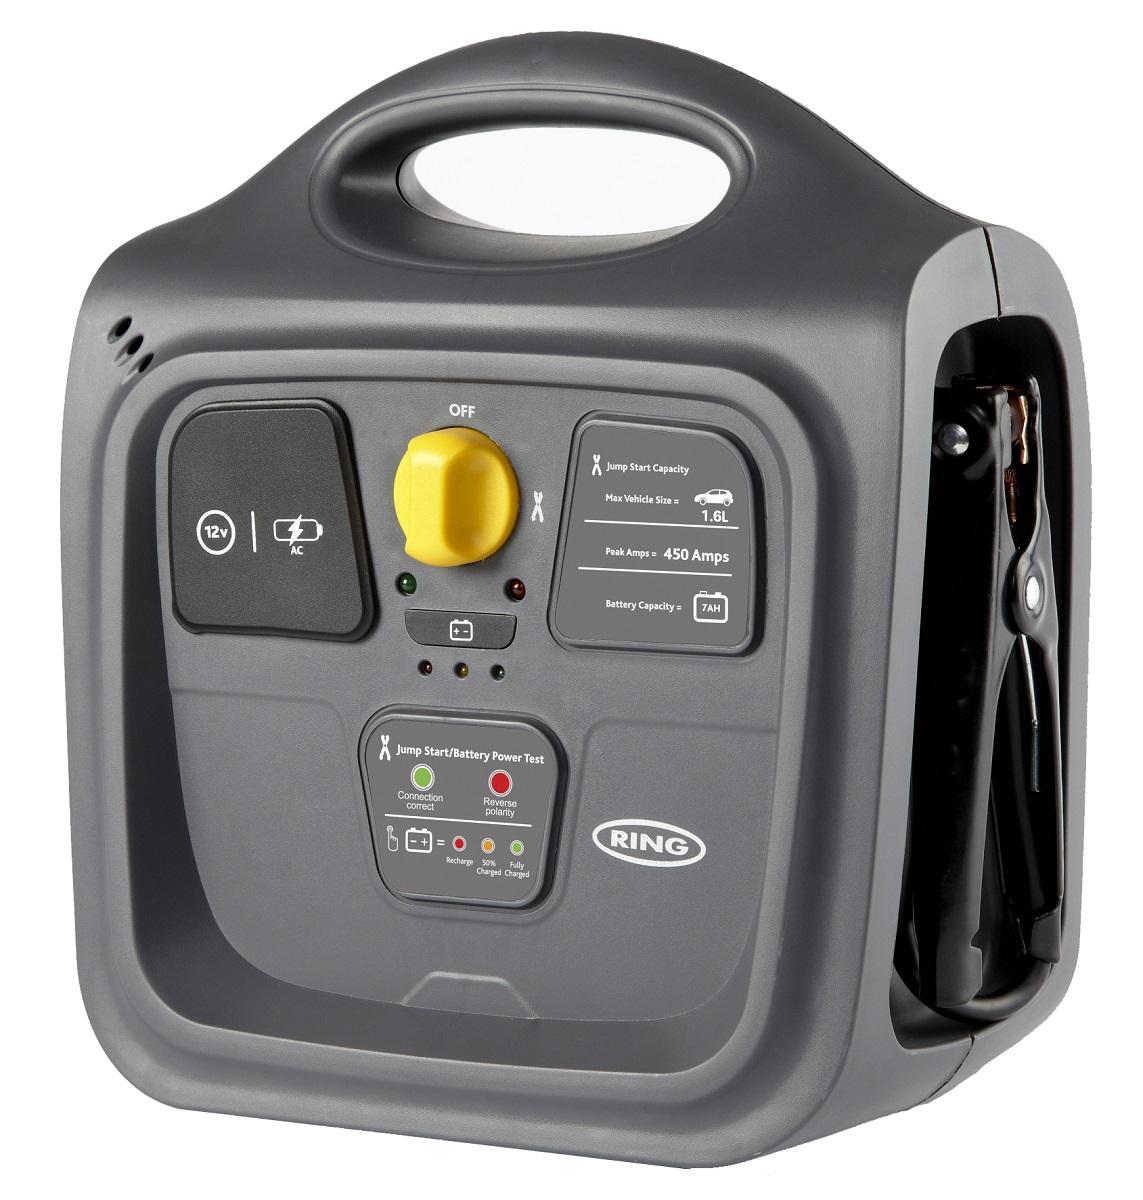 Пусковое многофункциональное устройство и источник питания Ring 7AH POWERPACKREPP145Портативное многофункциональное устройство для экстренного запуска автомобиля и другого транспортного средства, зарядки электронных устройств, освещения местности за счет встроенного источника питания 12В. Рекомендуется для запуска двигателя объемом до 1,6л. Пиковый пусковой ток 450А. Емкость встроенной свинцово-кислотной АКБ 7Ач (12В). Устройство имеет розетку 12В для подключения автоаксессуаров (разъем типа прикуриватель). Зажимы типа крокодил убираются внутрь прибора. Встроенный индикатор зарядки. Компактный дизайн, английский подход и безупречное качество делают этот прибор незаменимым помощником холодной зимой и жарким летом.